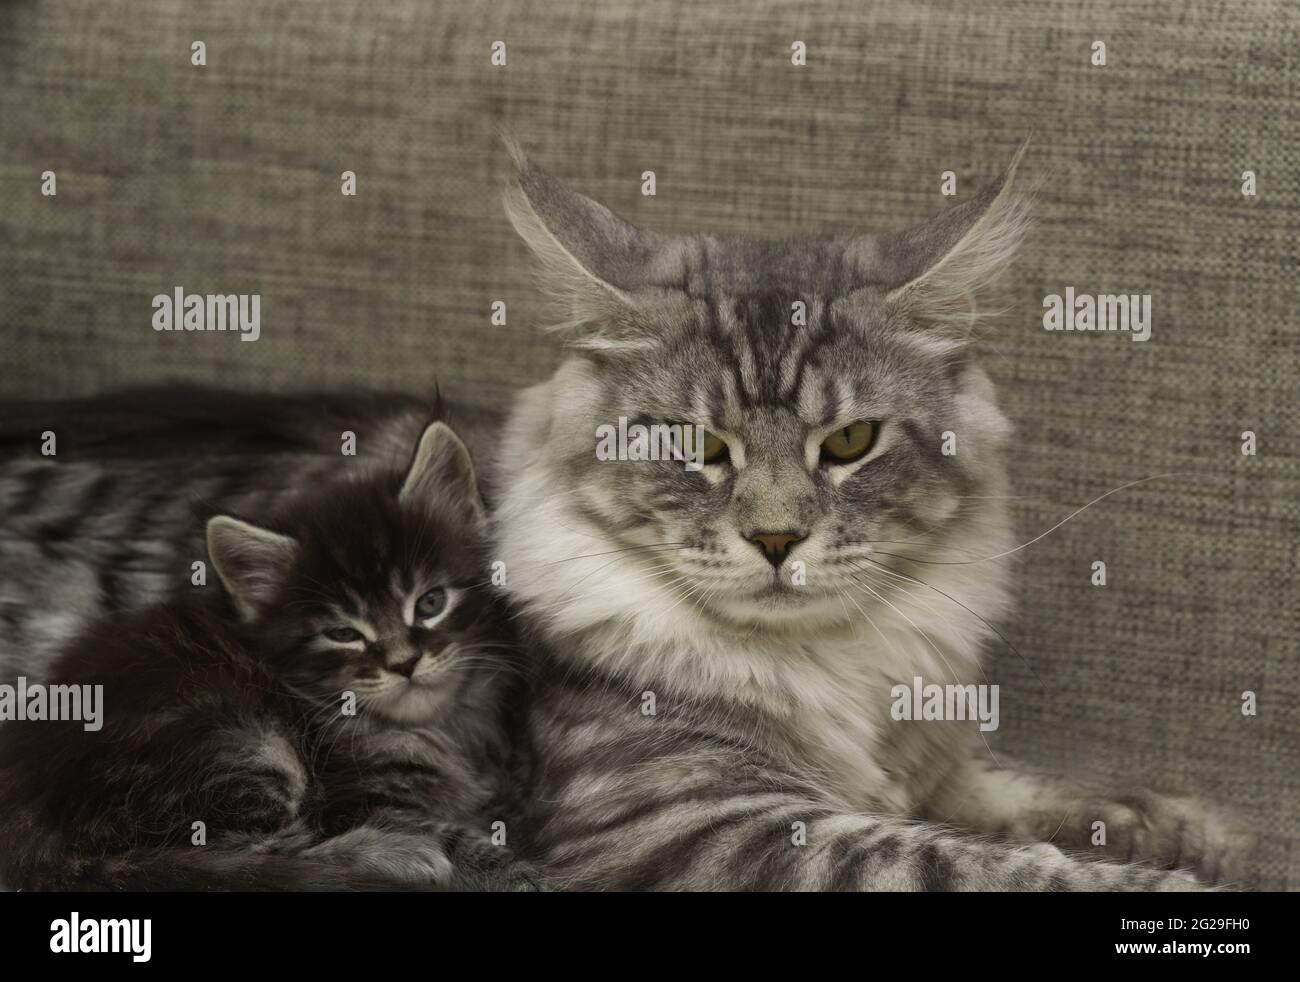 Eine Erwachsene Katze mit einem Kätzchen liegt zusammen Stockfoto